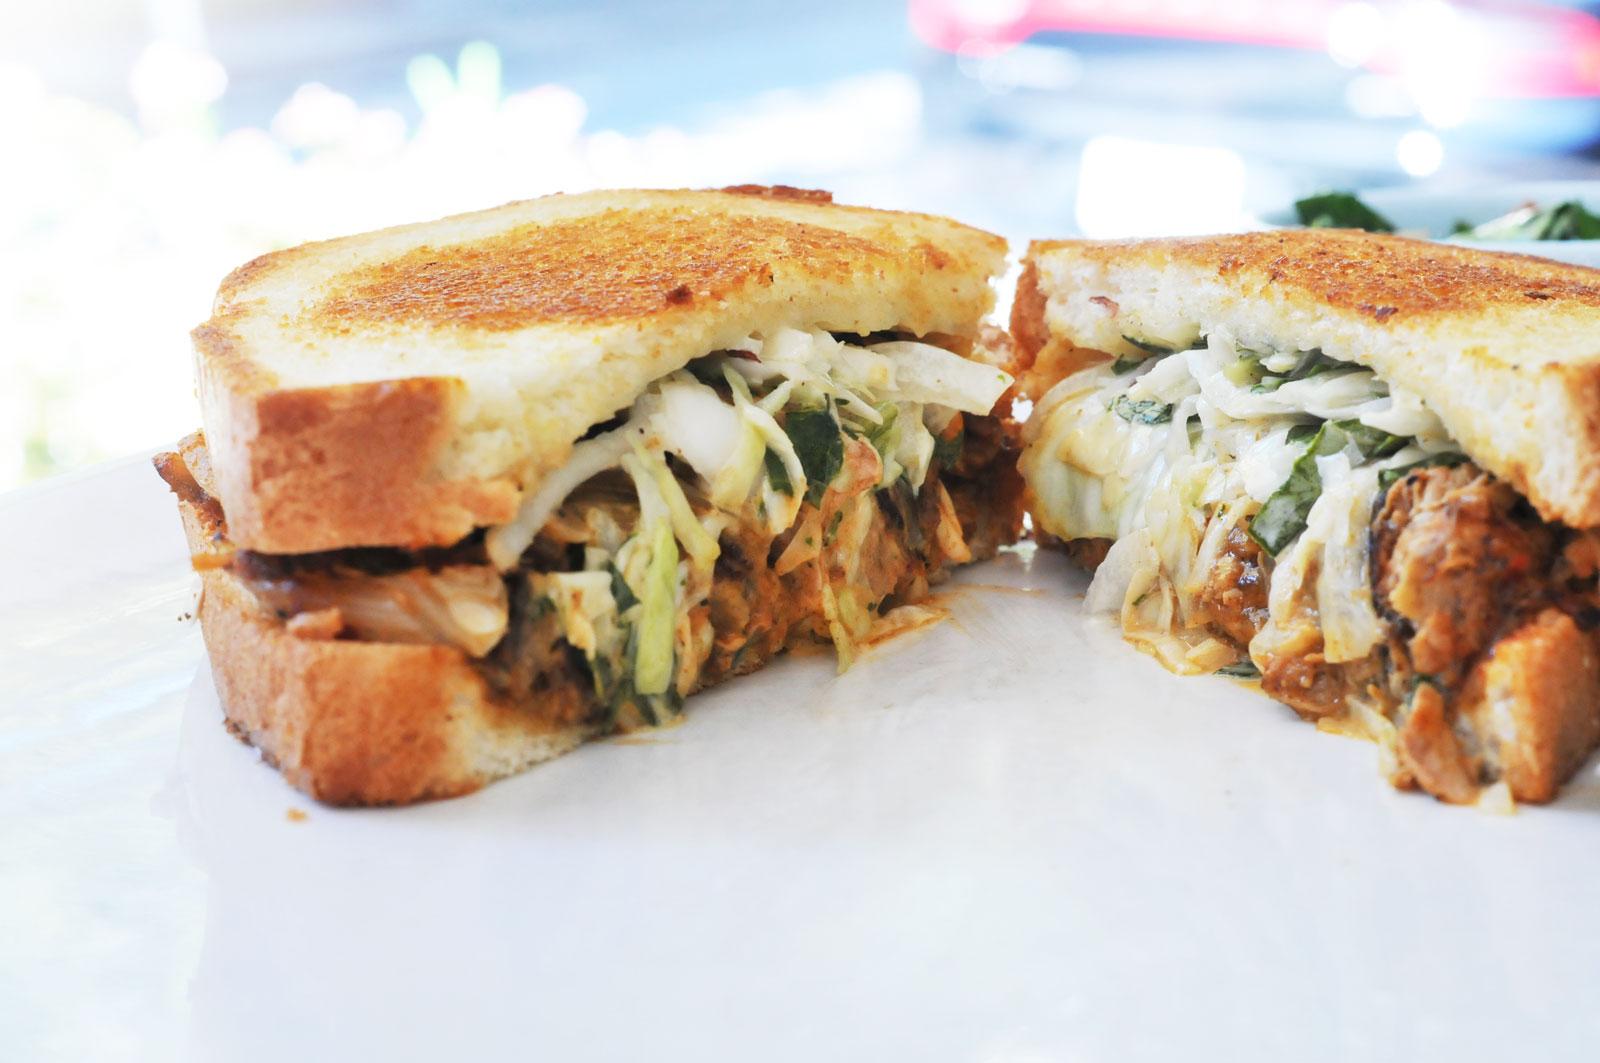 pork-sandwich-1.jpg